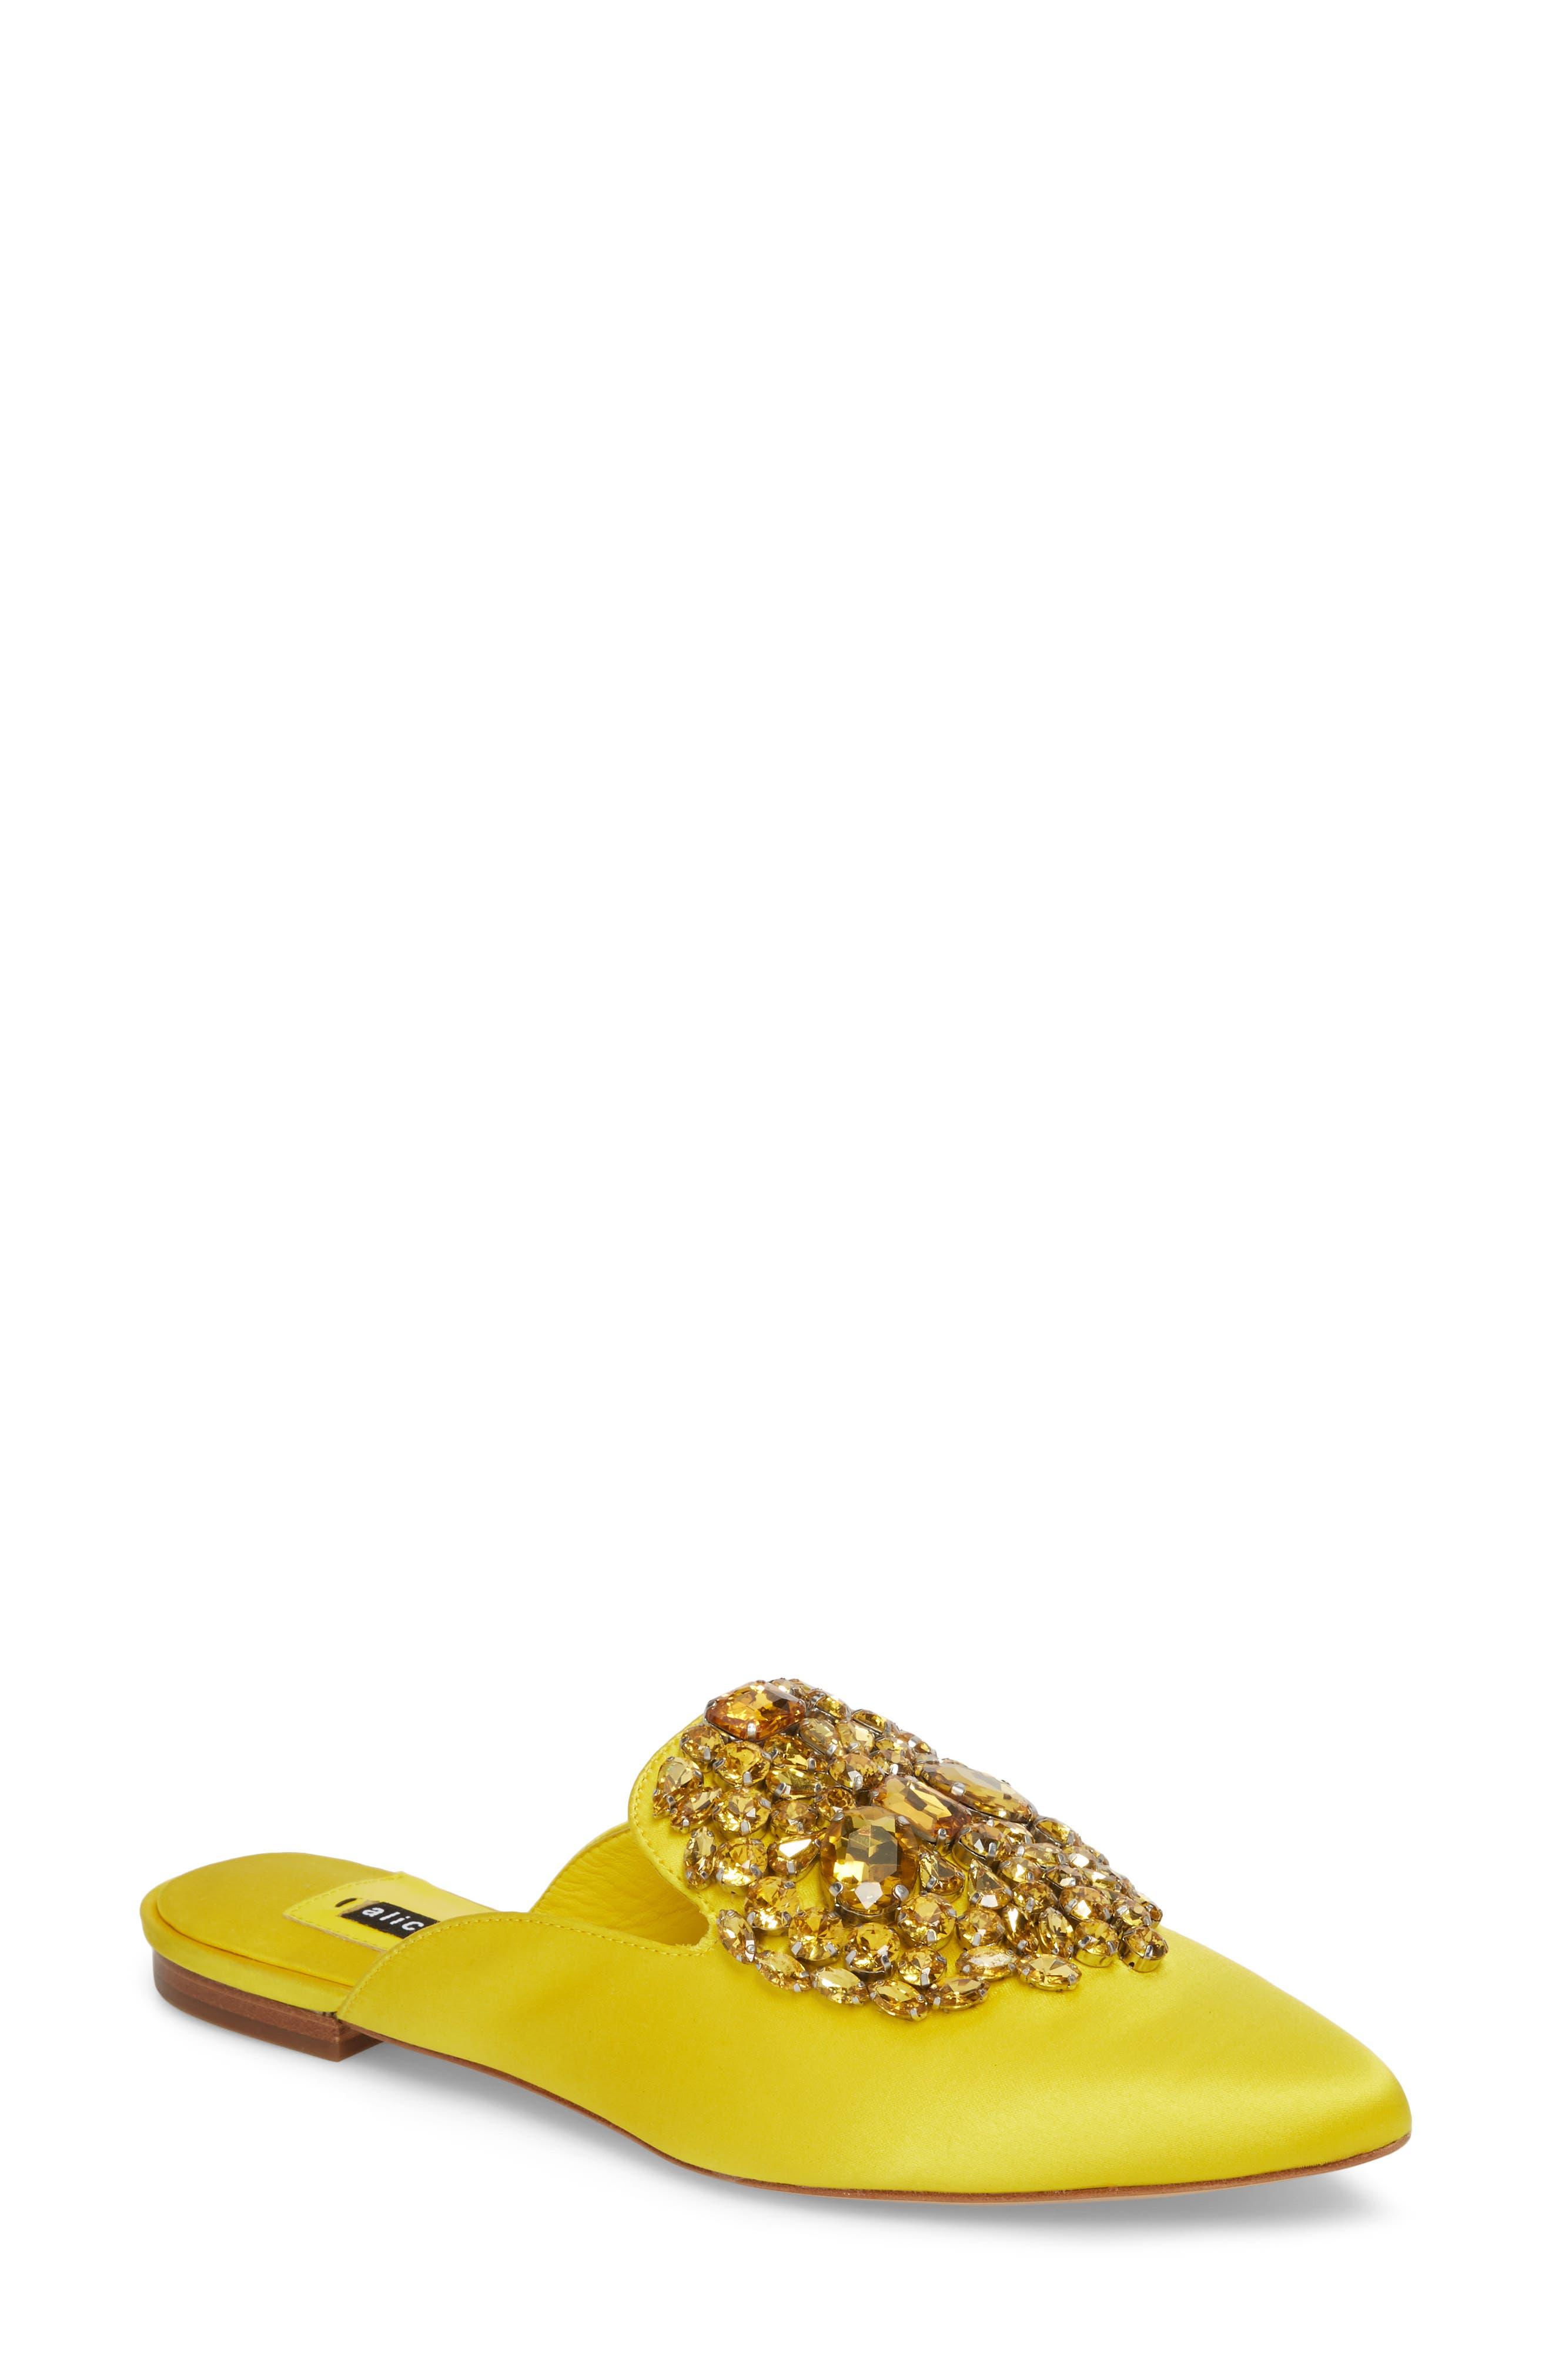 Lilly Crystal Embellished Loafer Mule,                         Main,                         color, Dandelion